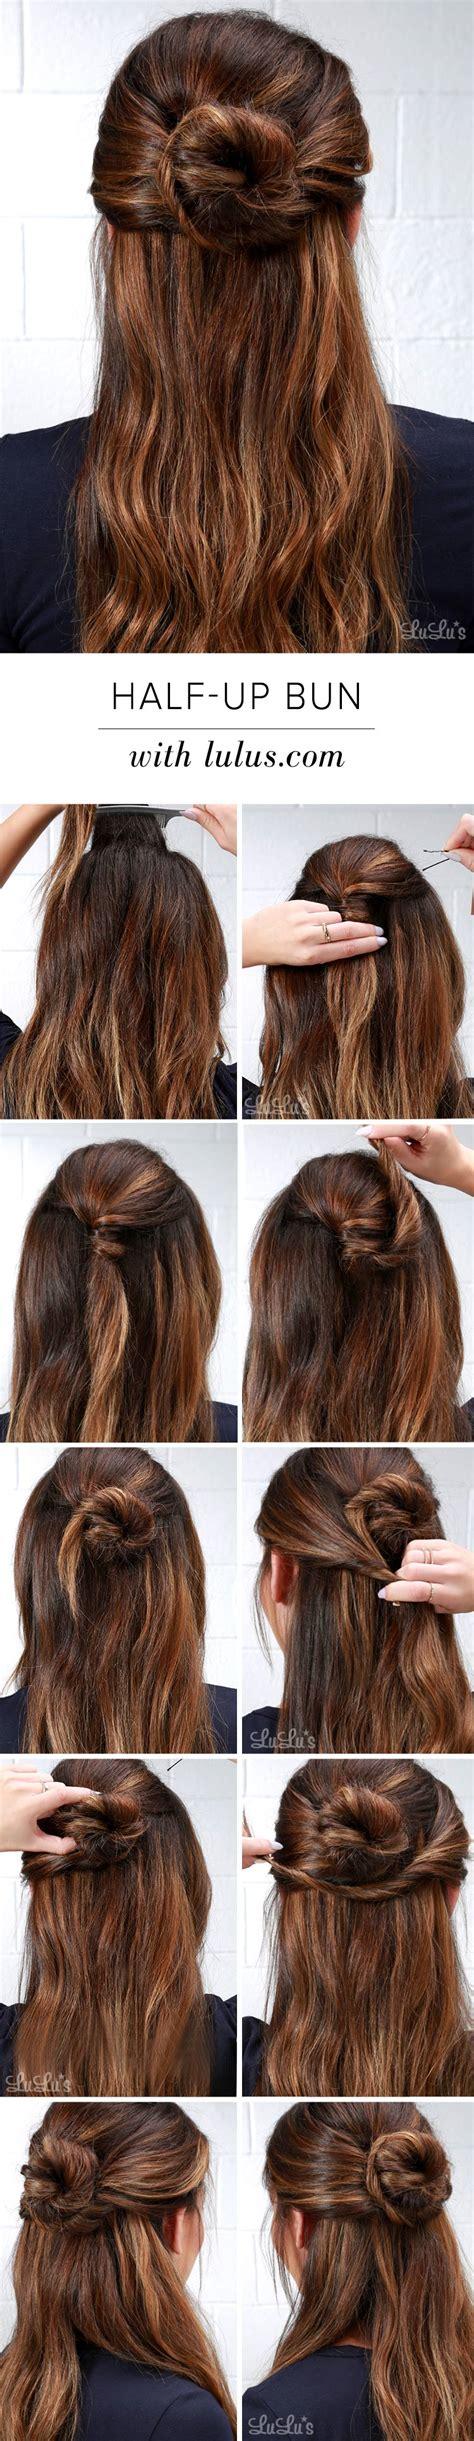 blogger hair tutorial lulus how to half up bun hair tutorial lulus com